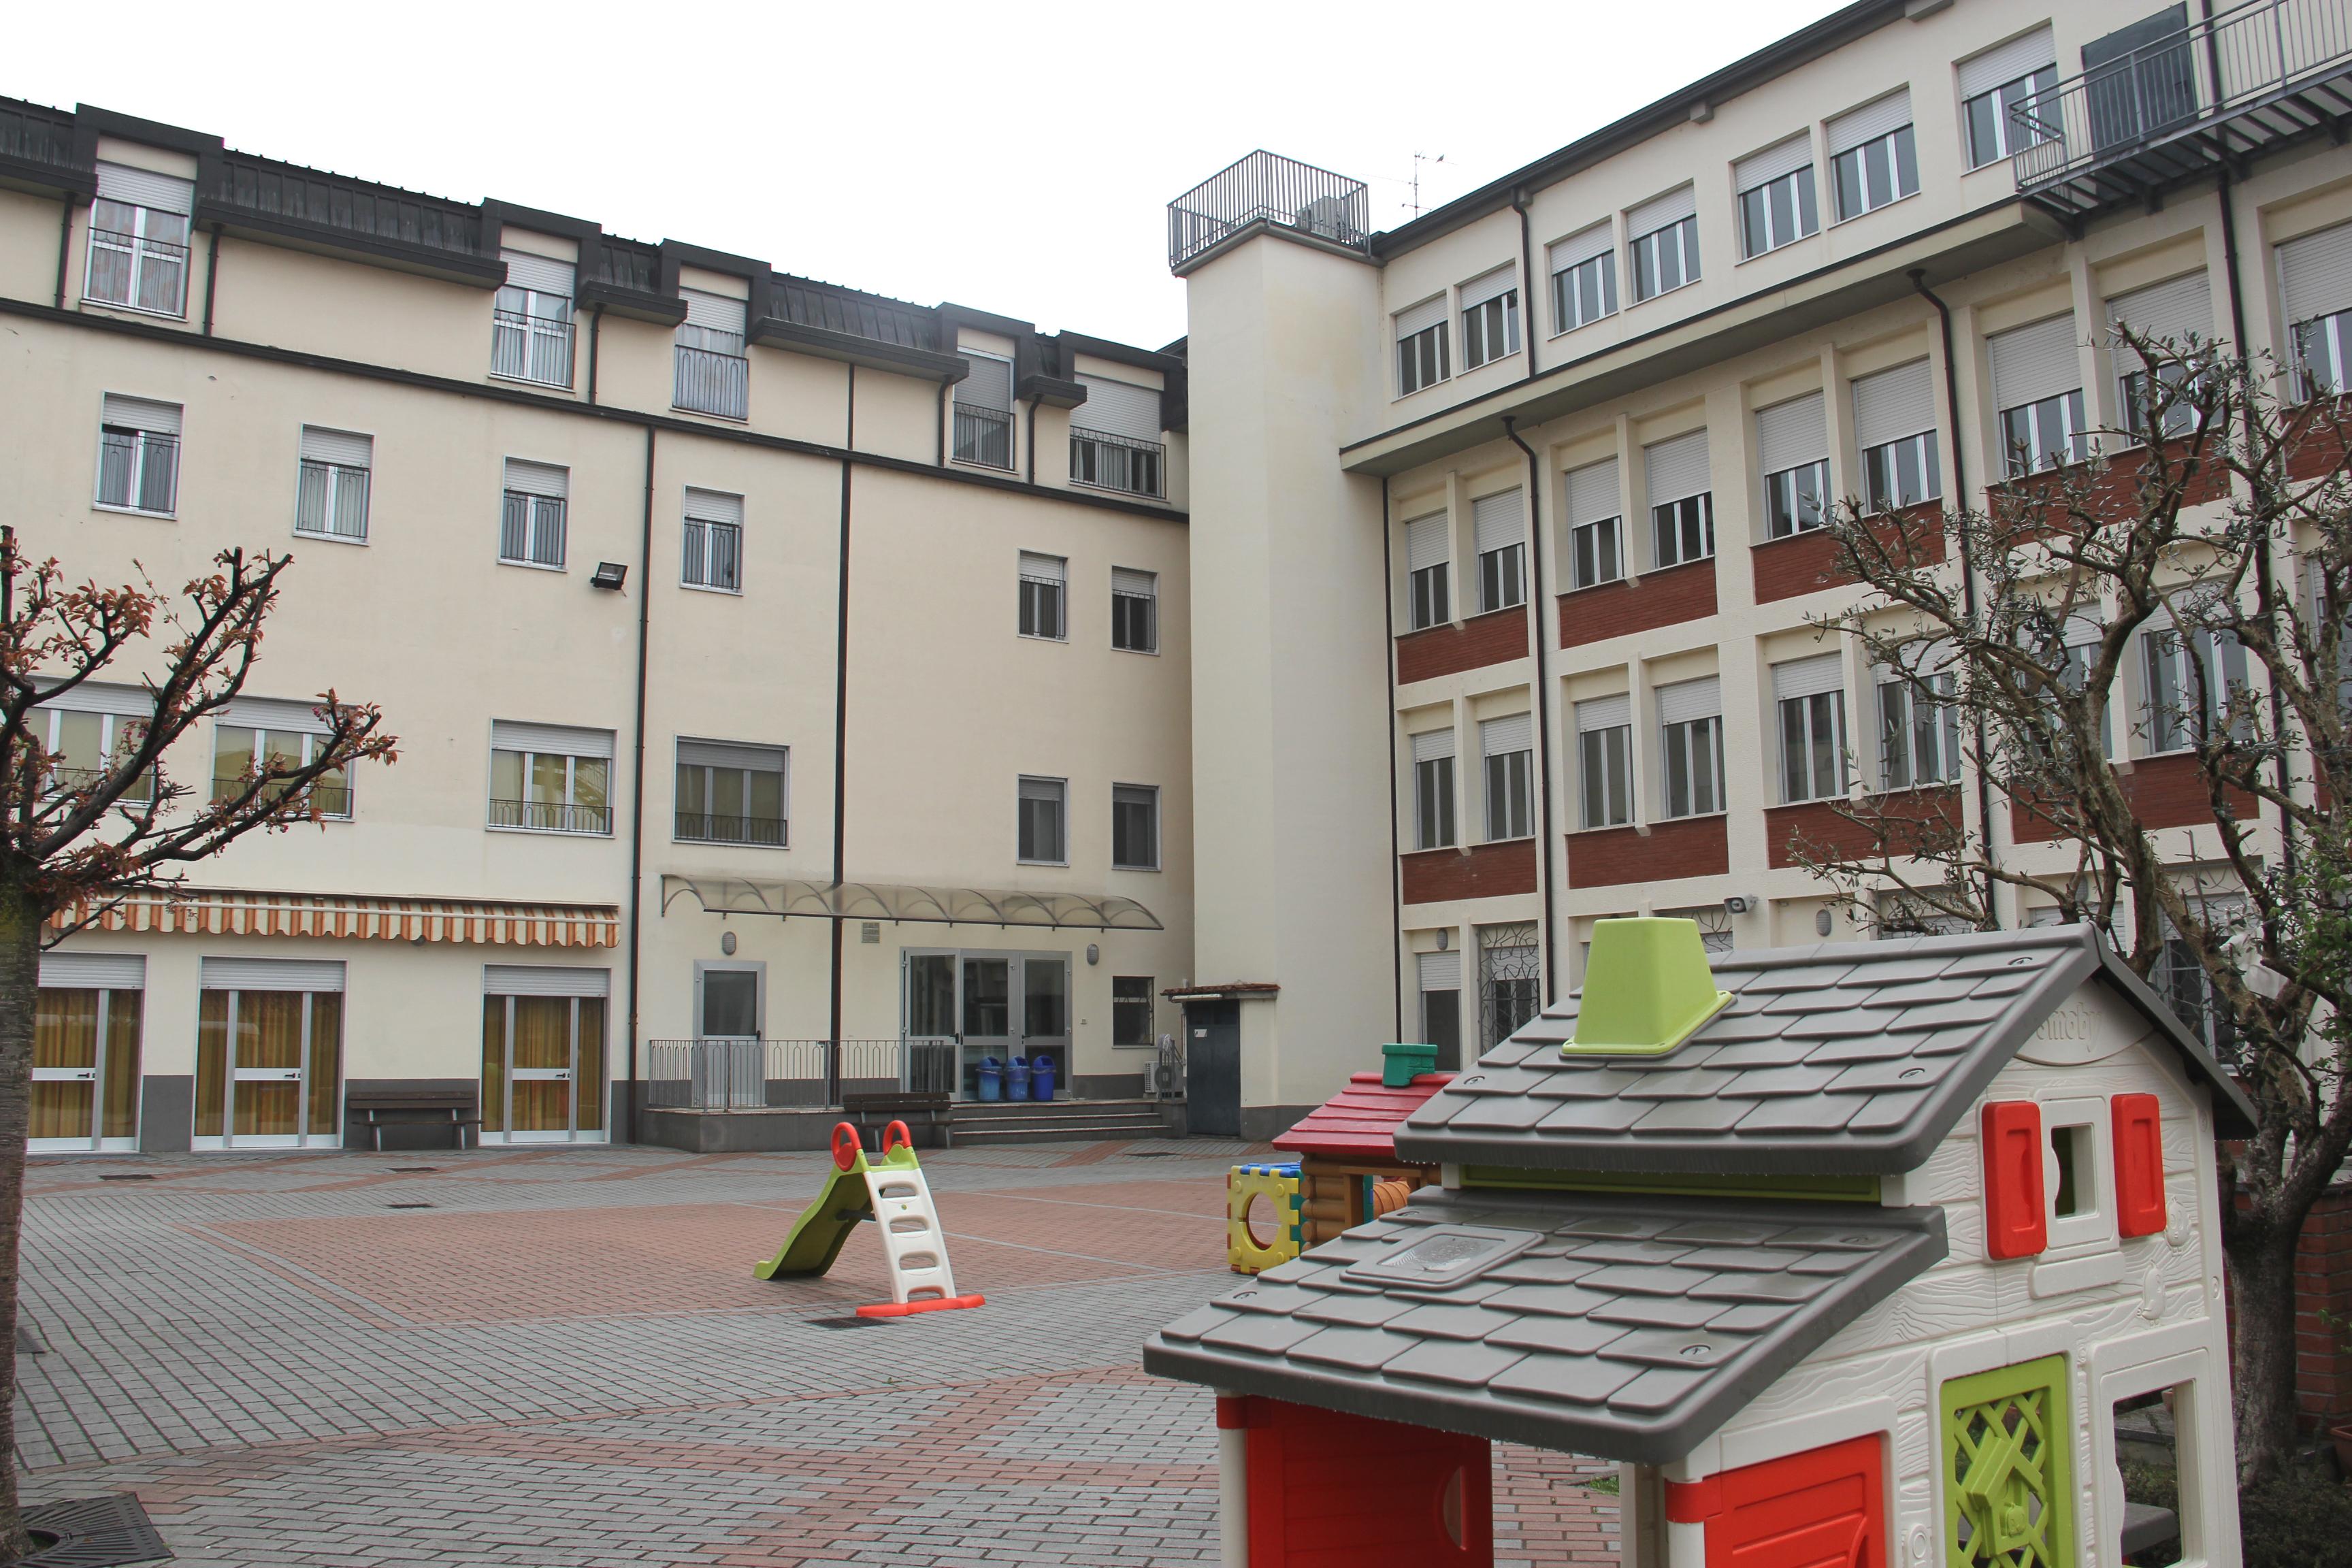 Cortile Scuola Maria Ausiliatrice - Lodi